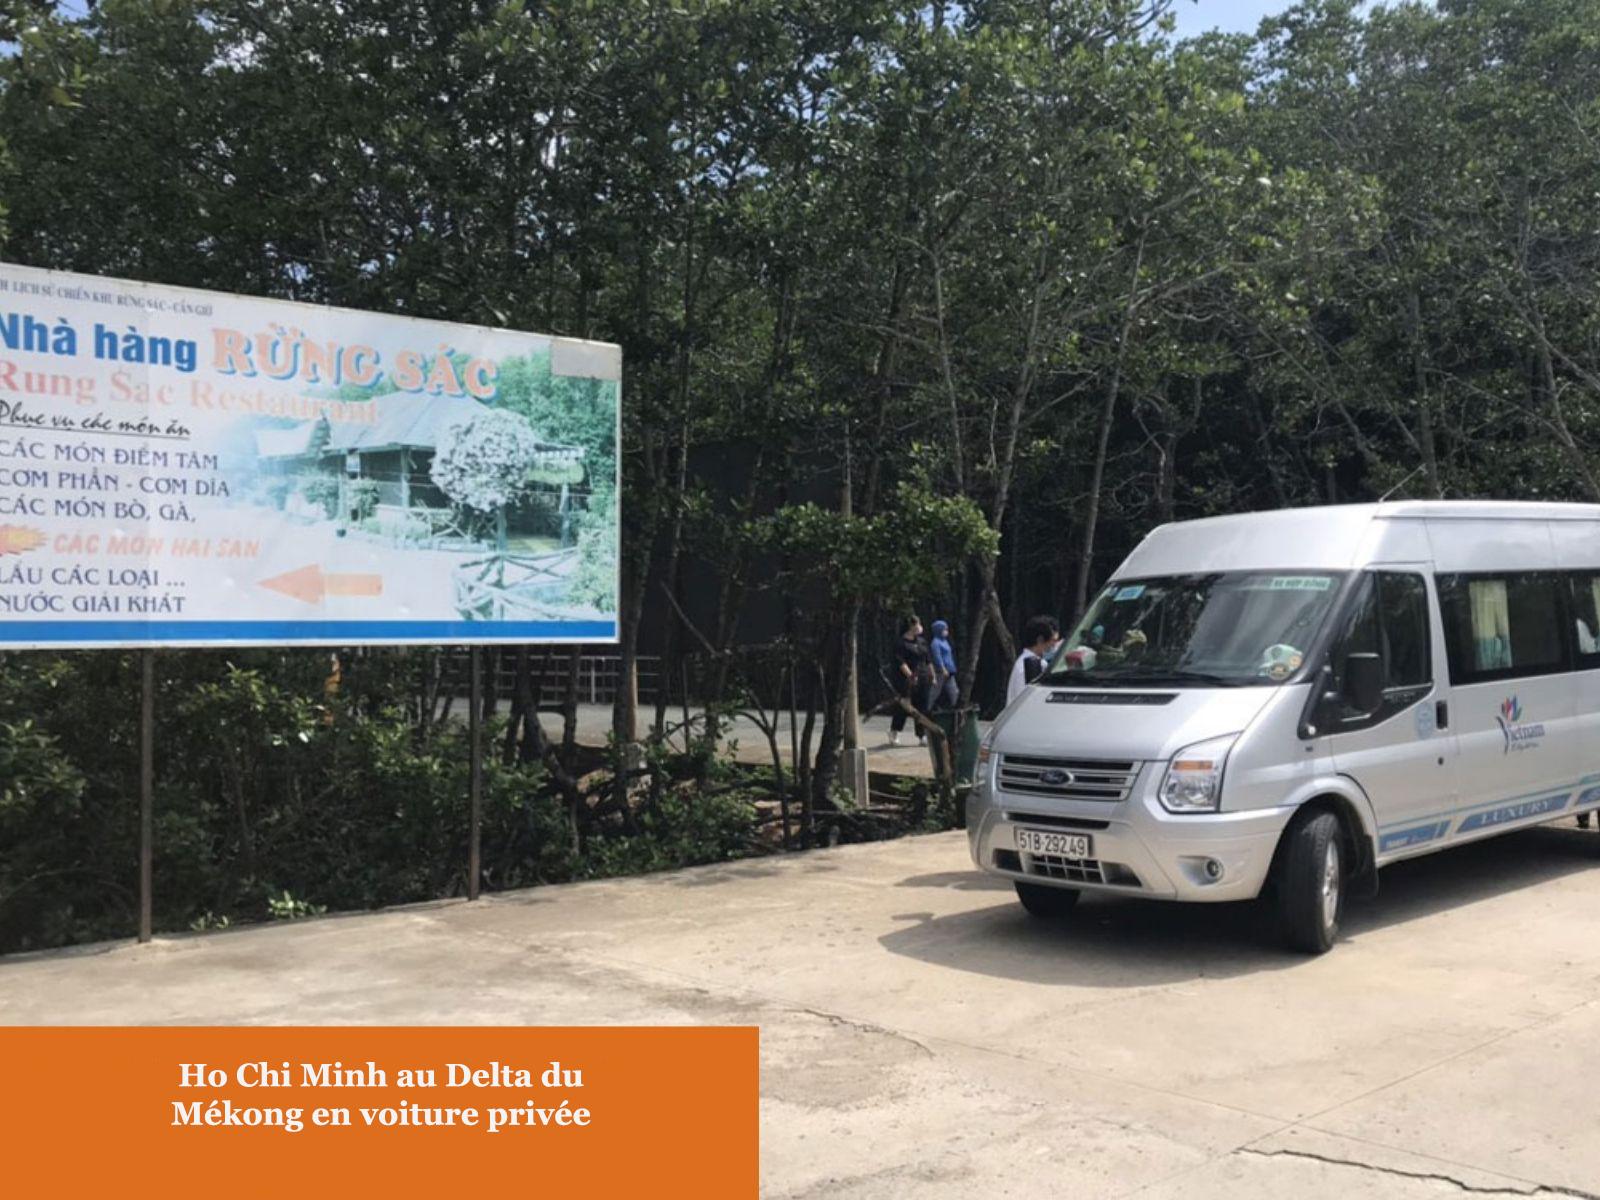 En voiture privée de Ho Chi Minh au Delta du Mékong